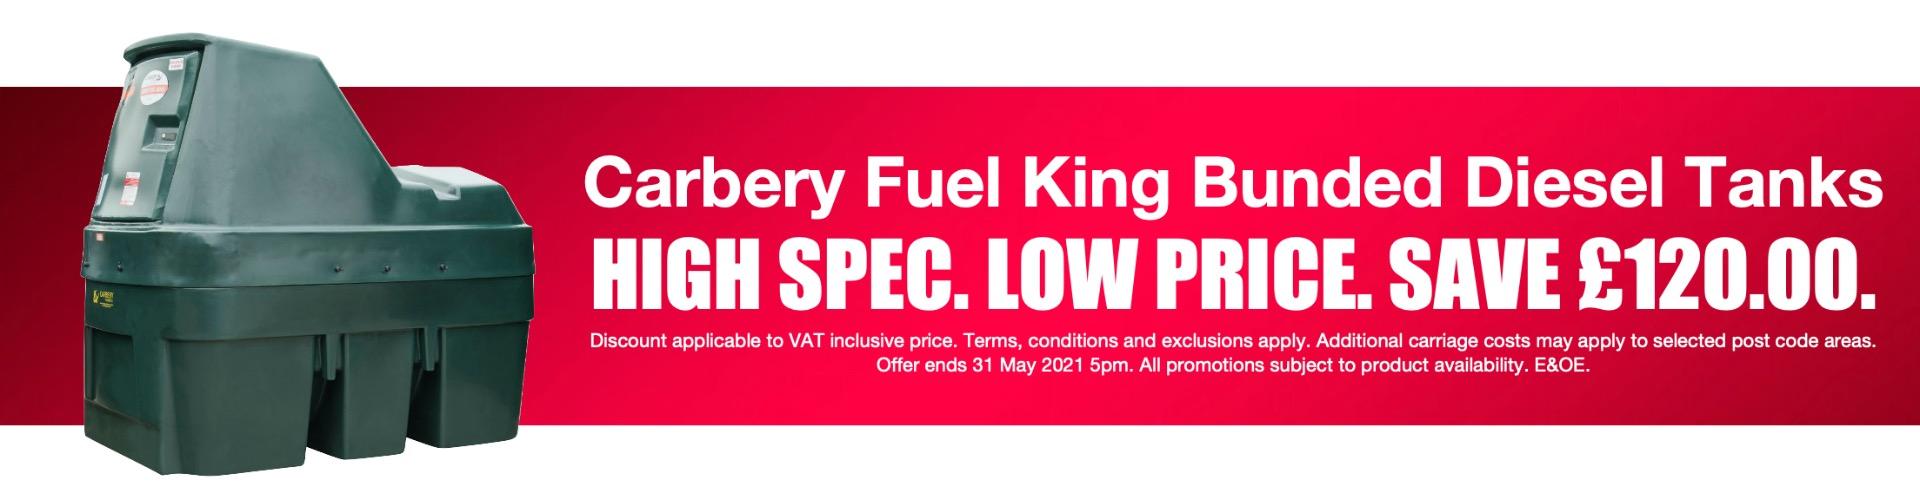 Carbery Fuel King Bunded Diesel Tanks Spring 2021 Promotion